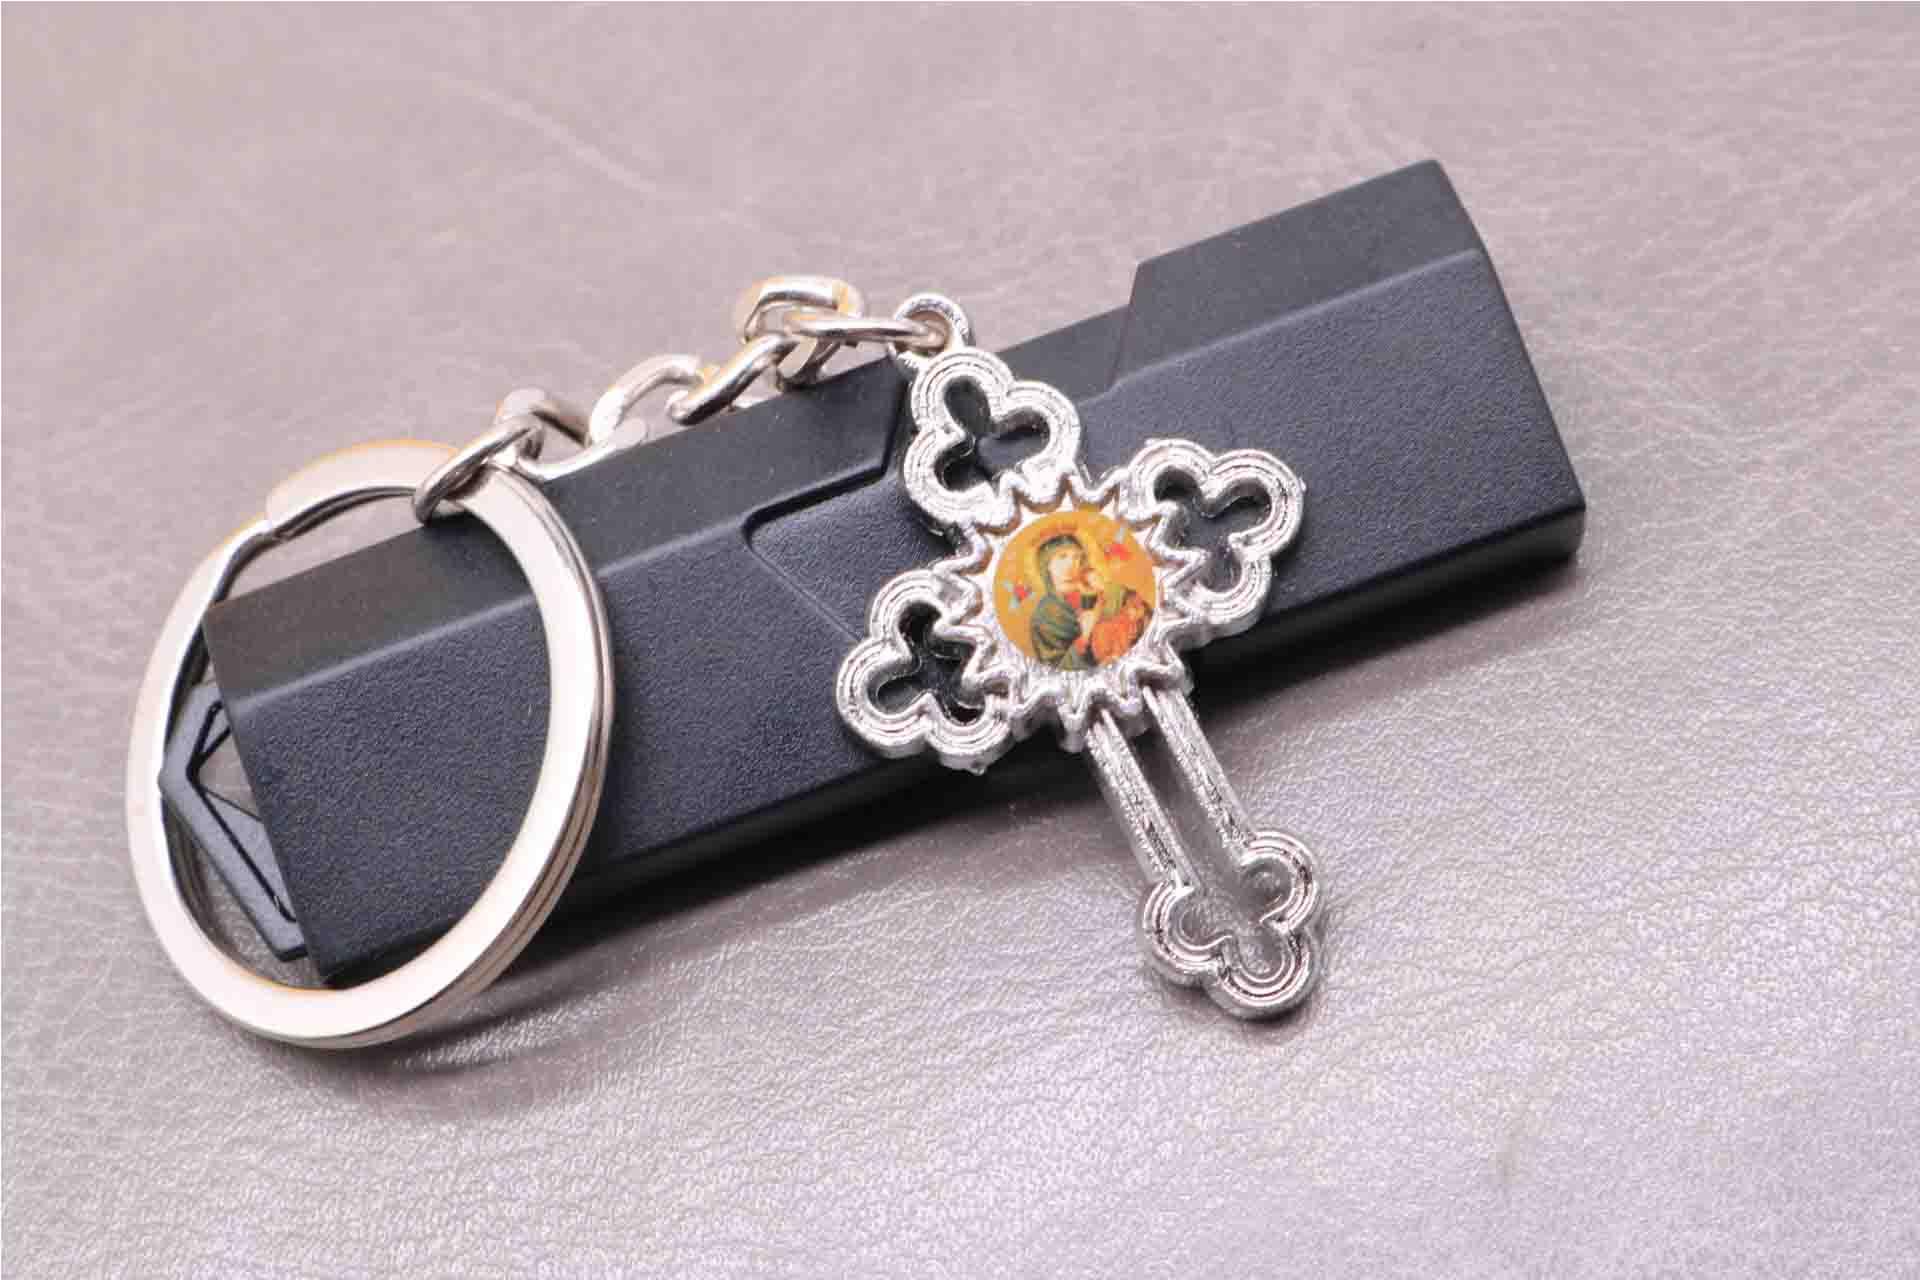 Christ Jesus cross keychain 8ec4a961bf